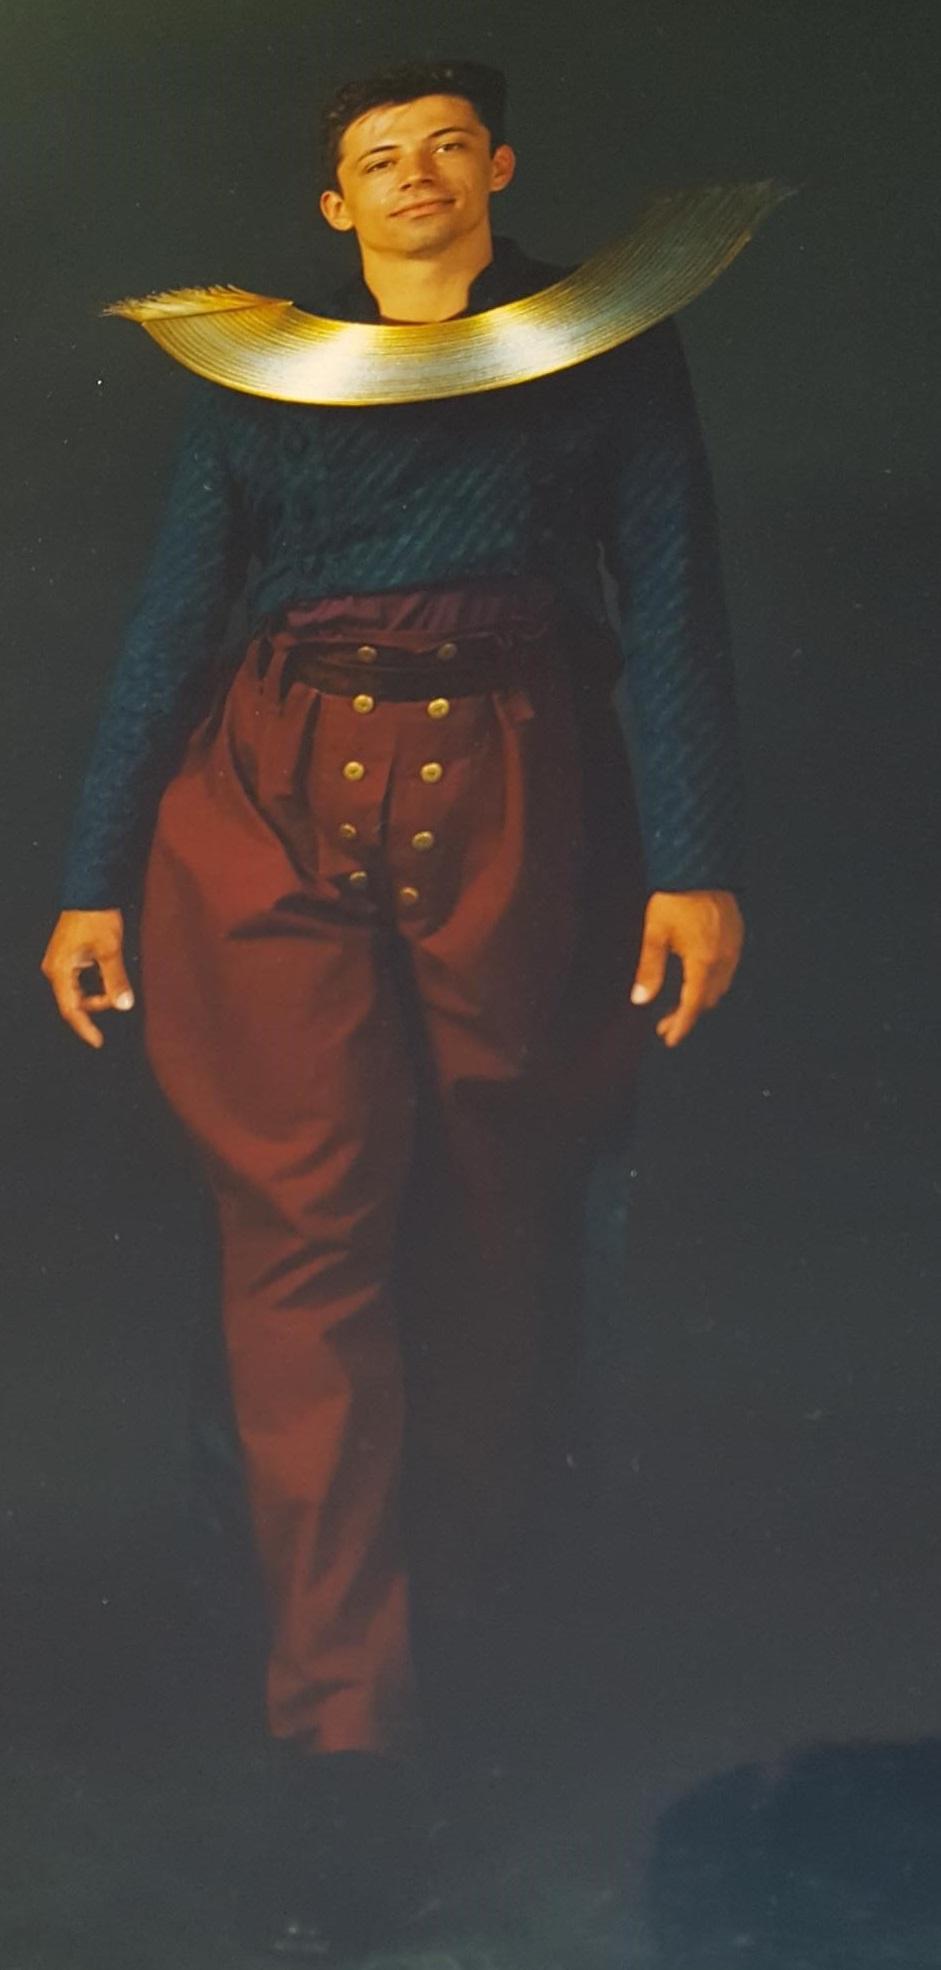 Hiroko Sato Pijanowski, halssieraad. Sieraad en Mode - tien jaar Galerie Beeld & Aambeeld, 1989. Foto Galerie Beeld & Aambeeld